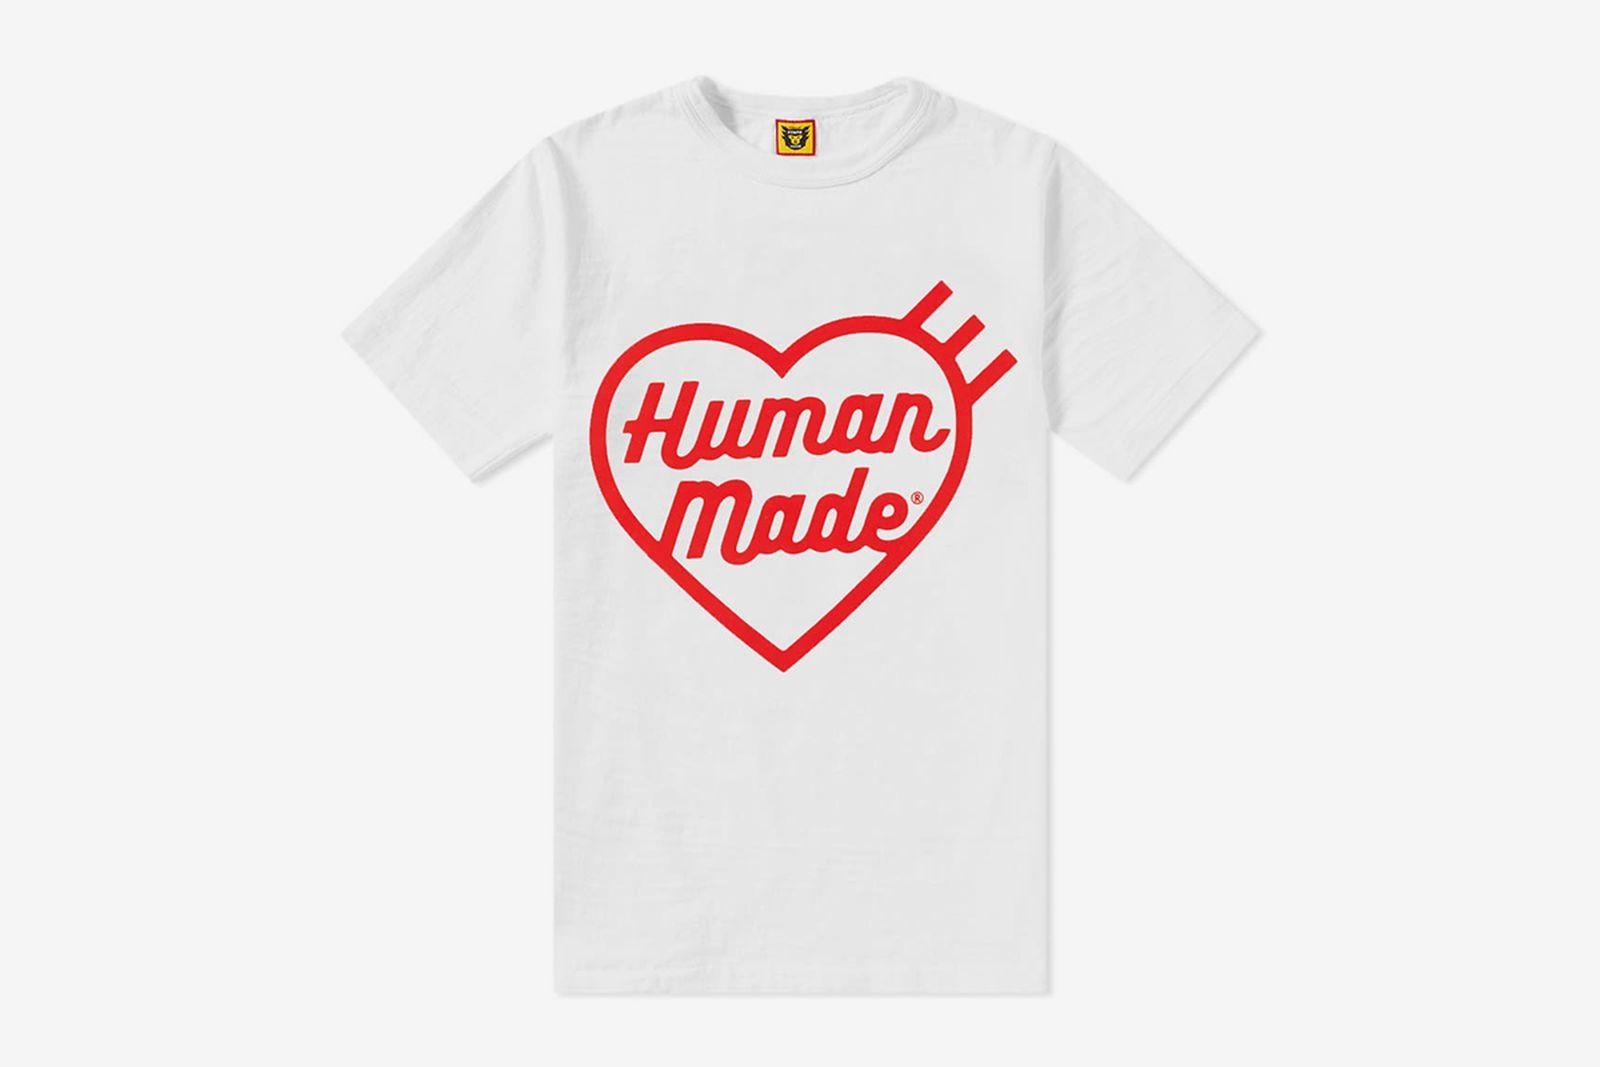 human-made-front-heart-logo-tee---white---_hm19te007-wht_1